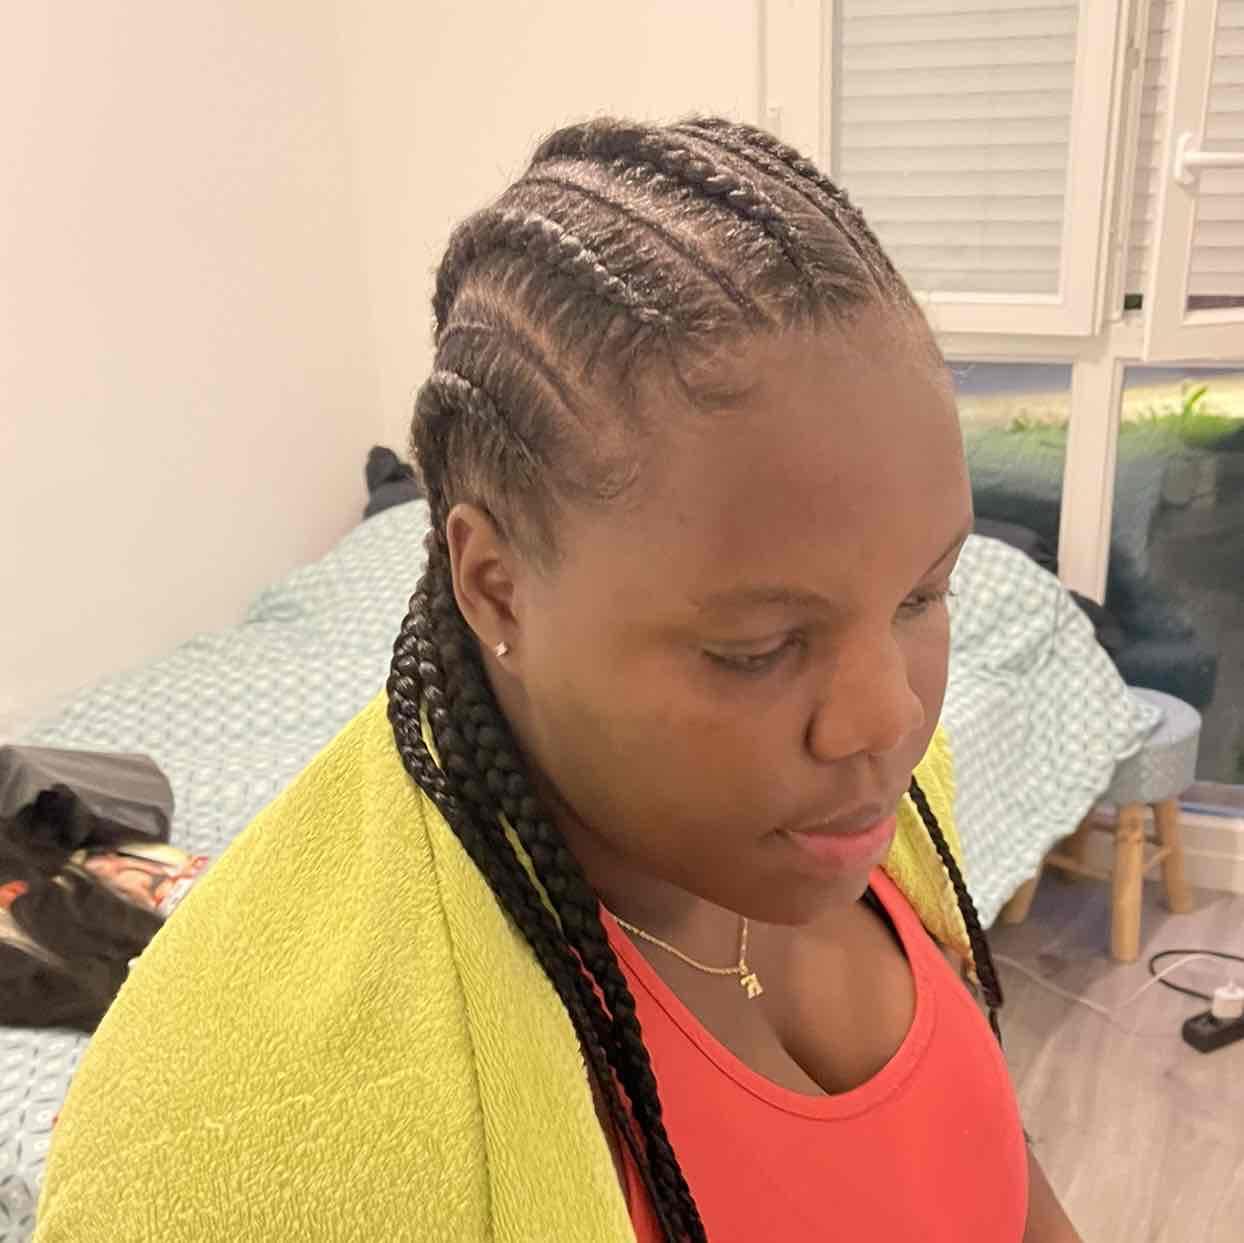 salon de coiffure afro tresse tresses box braids crochet braids vanilles tissages paris 75 77 78 91 92 93 94 95 VPZHRWLI